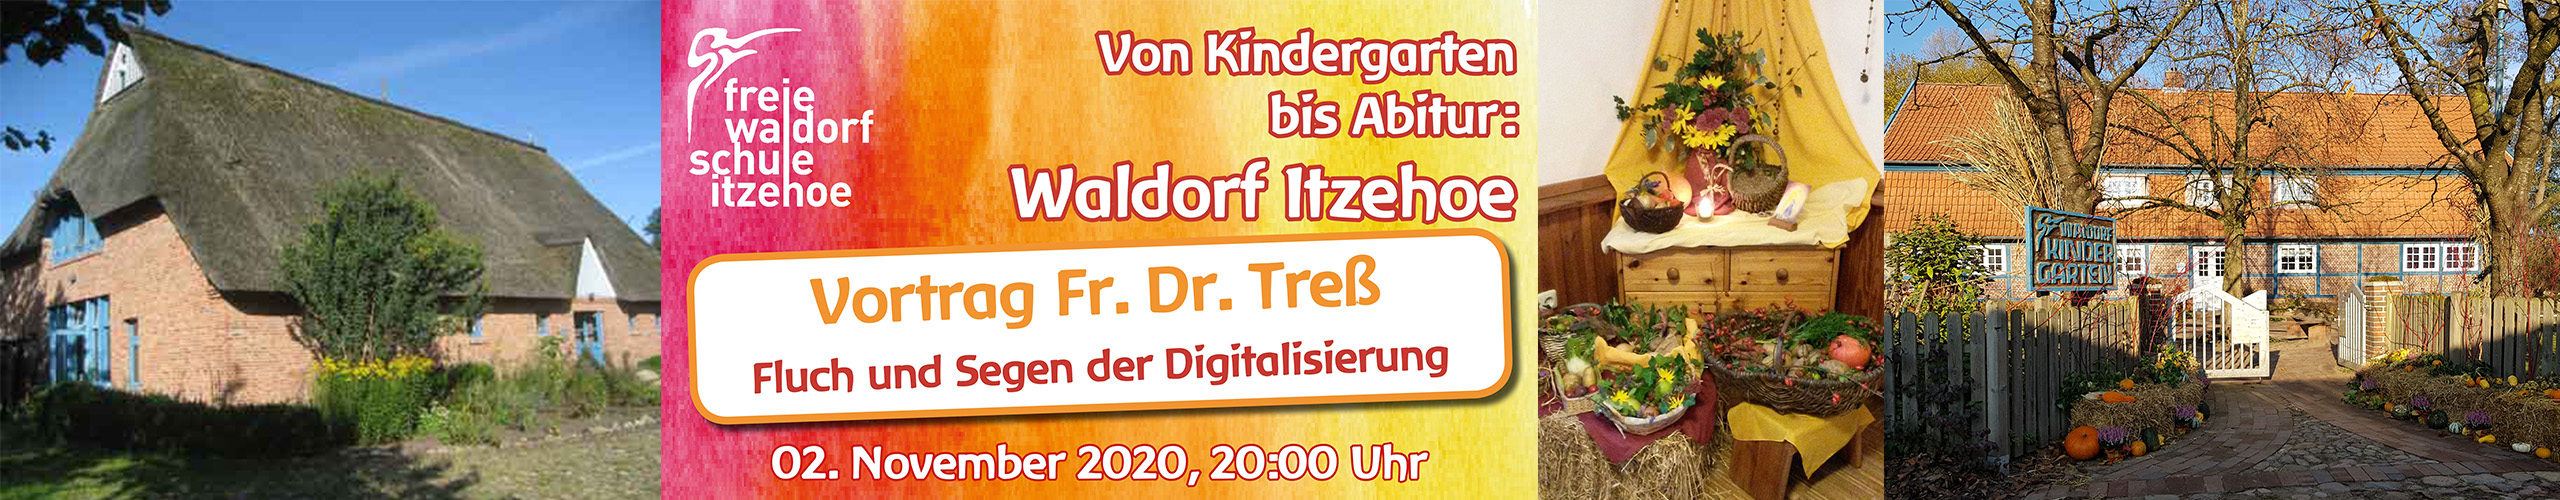 Freie Waldorfschule Itzehoe